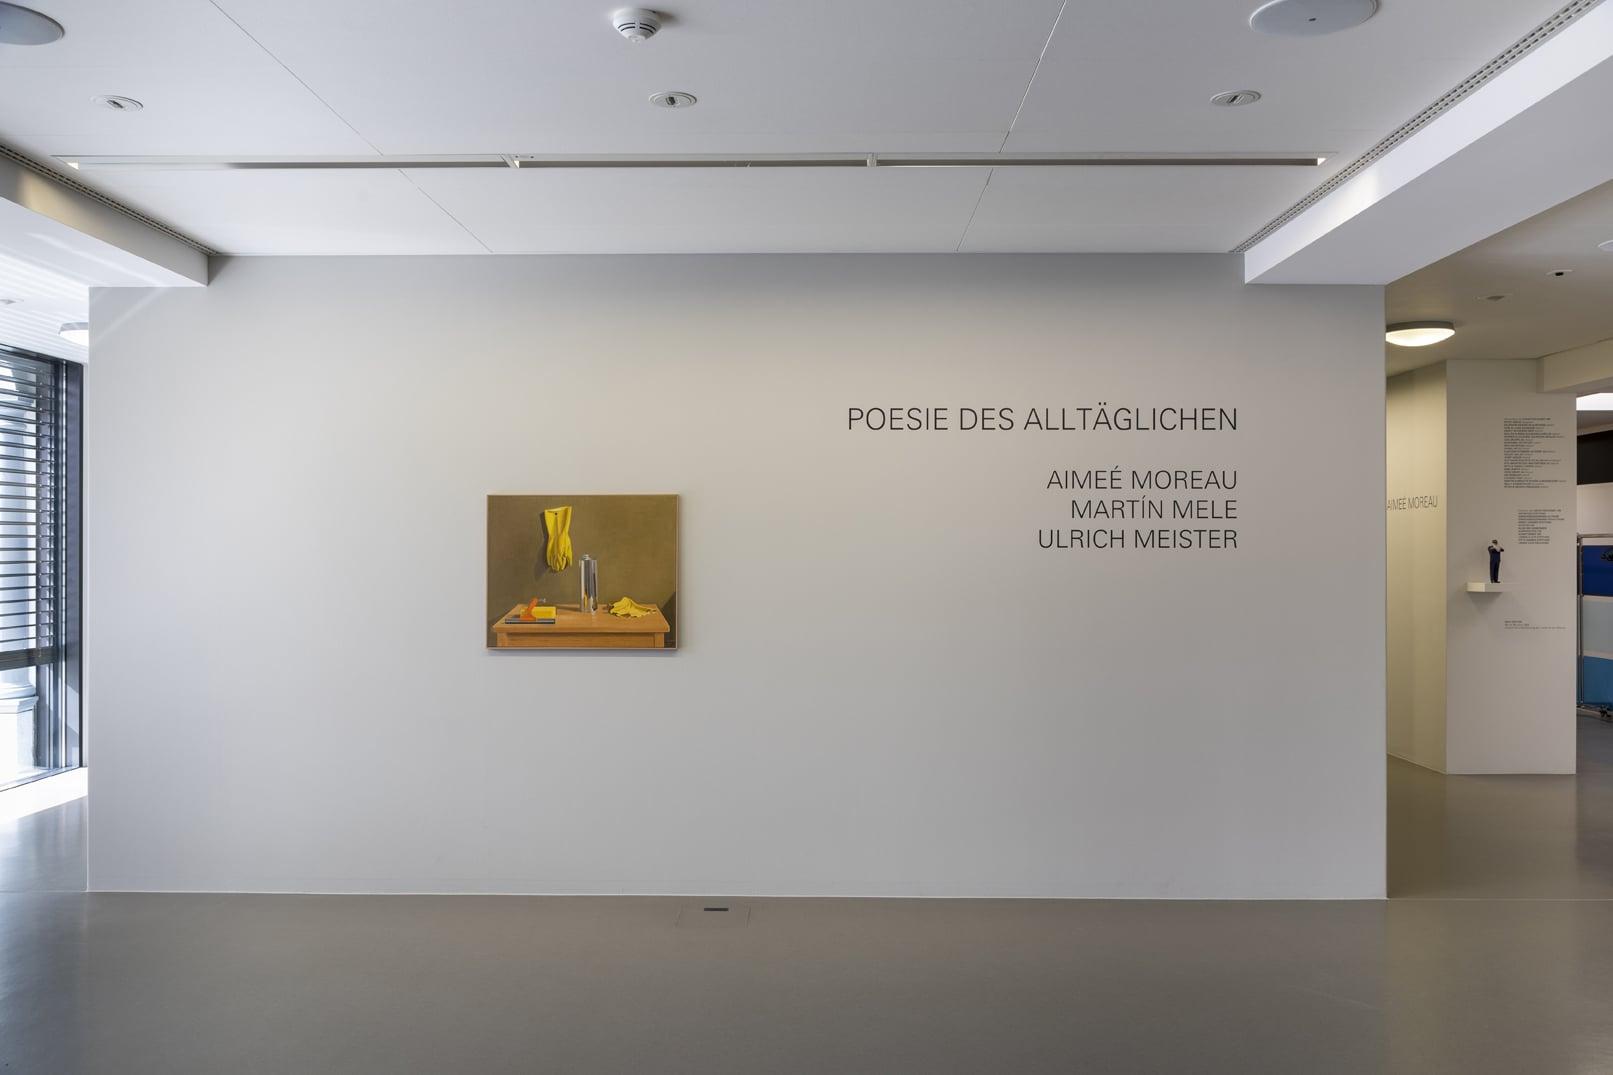 Aimée-Moreau_Éponge et gants jaunes-1980_fxb_Nr_ poesie_fxb_8867